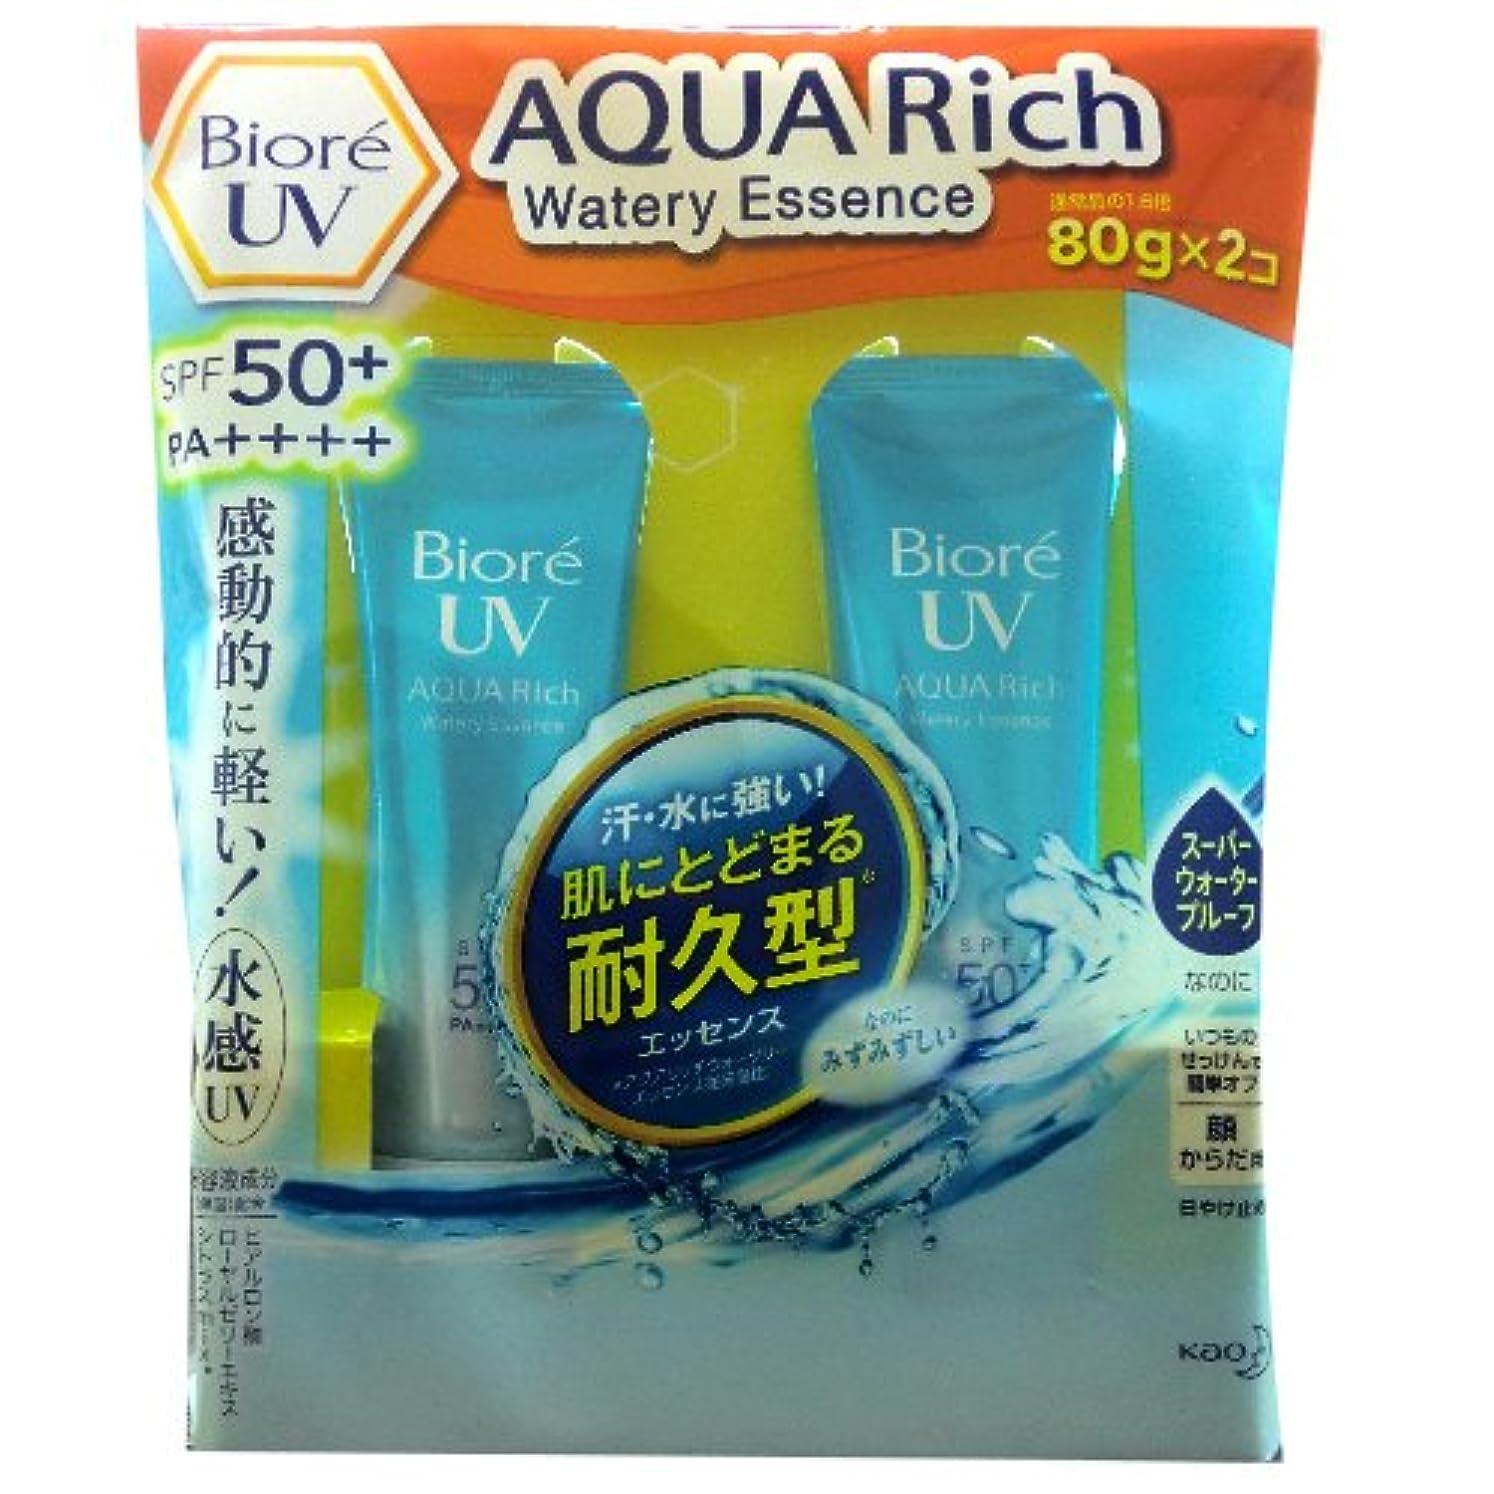 調子促す着るBiore UV AQUA Rich Watery Essence 80g×2コ